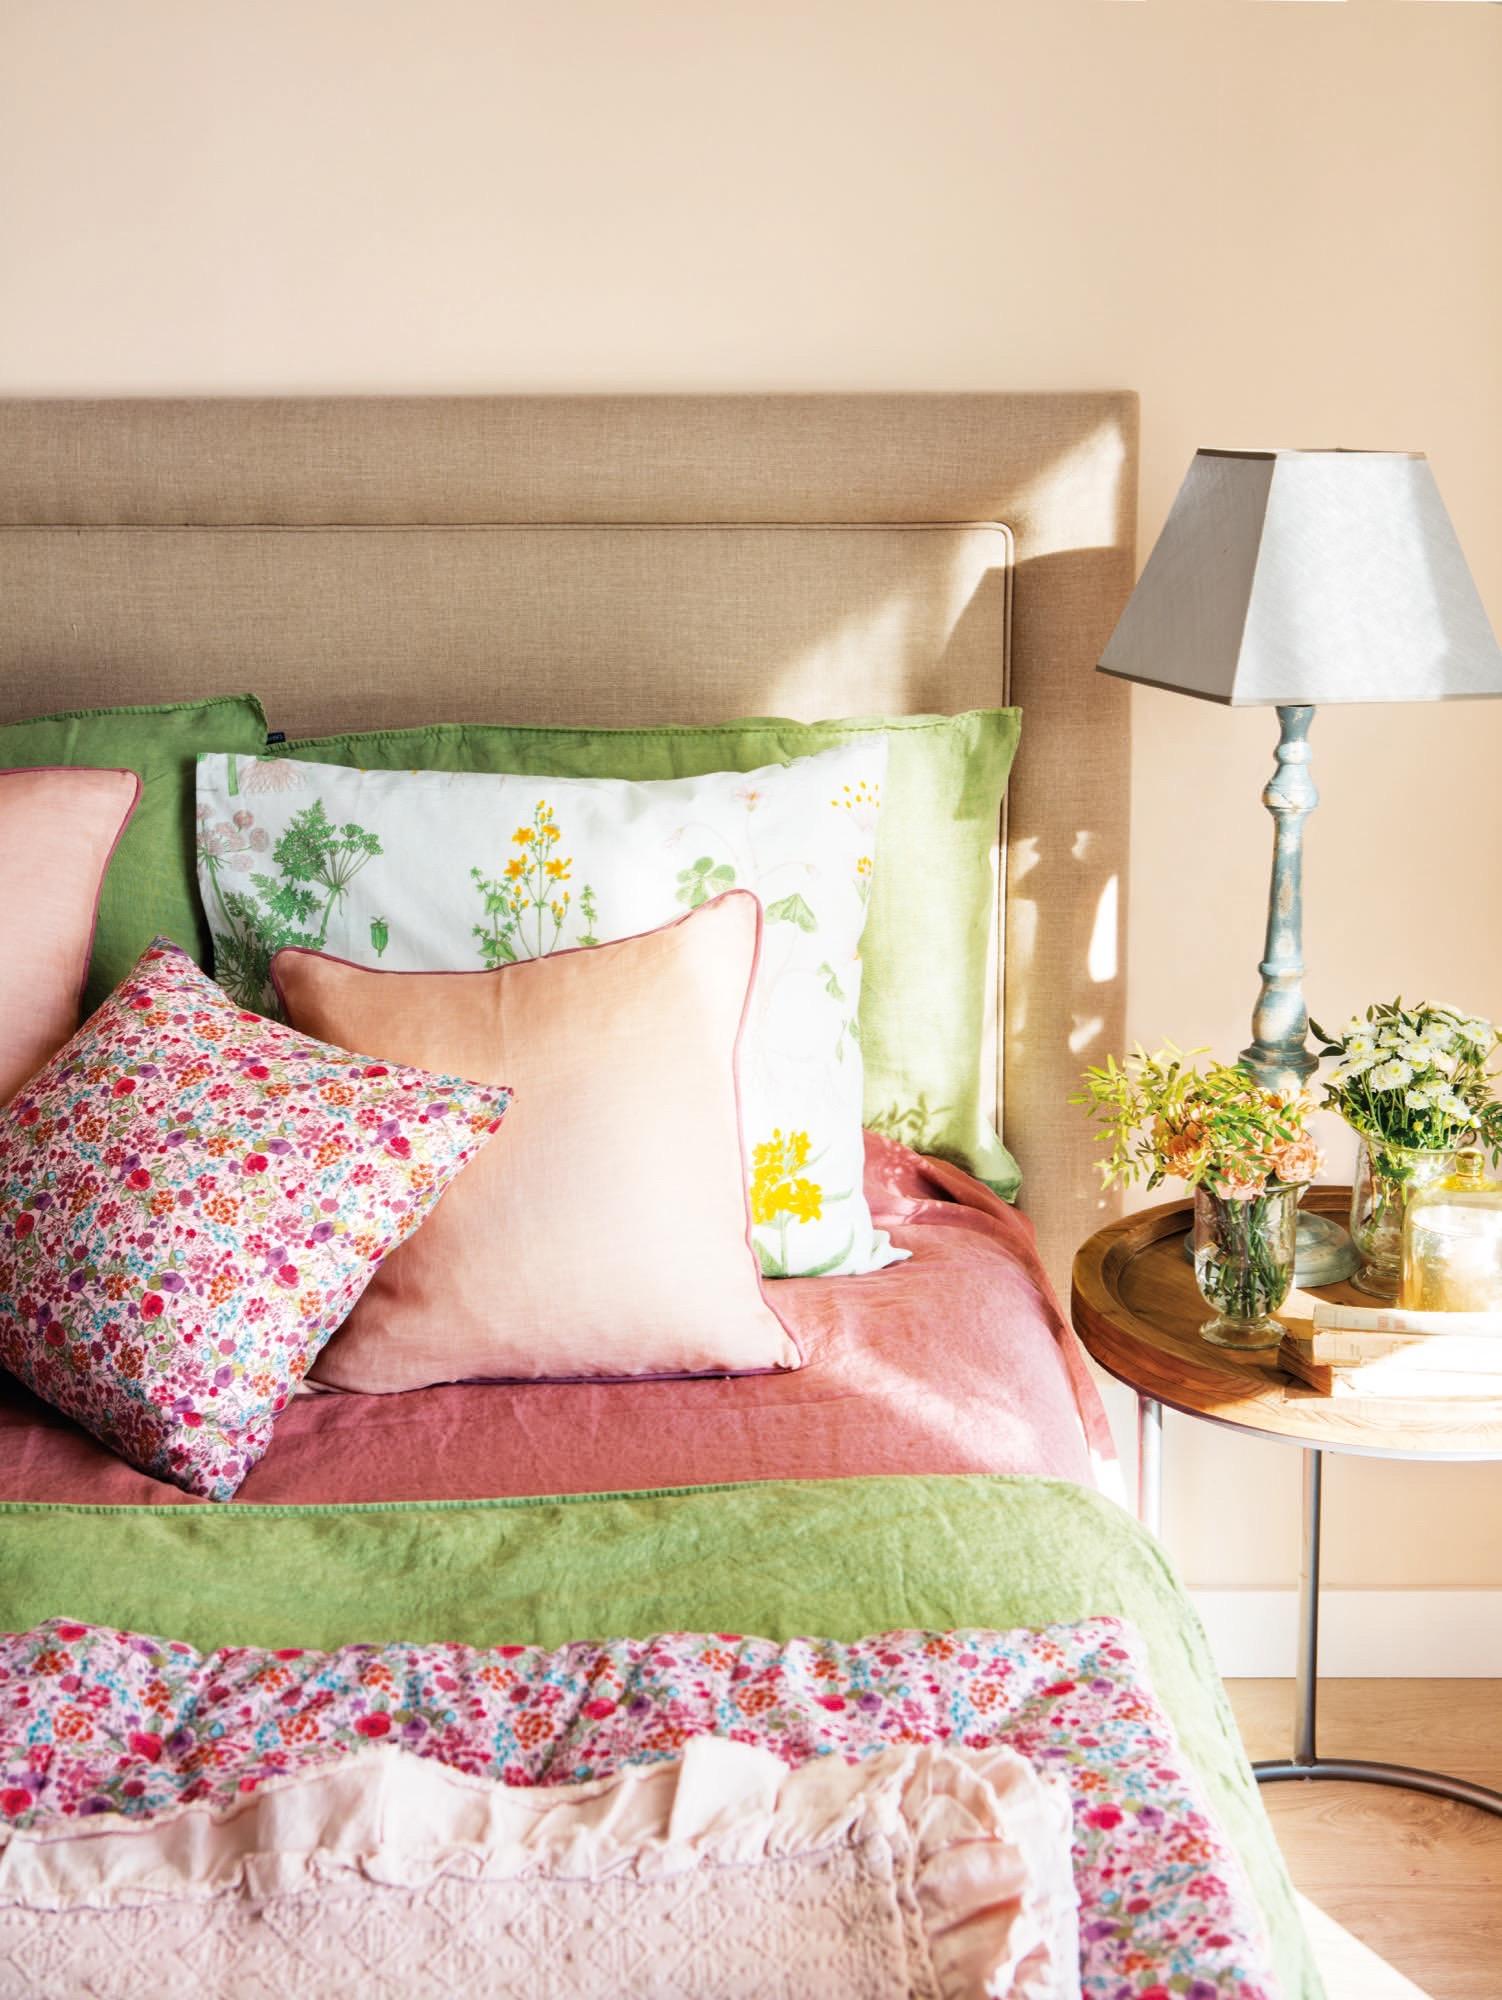 Cabeceros de cojines fang u leisure almohada cojines cojines cabecero tapizado de piel lavable - Cojines para cabeceros ...